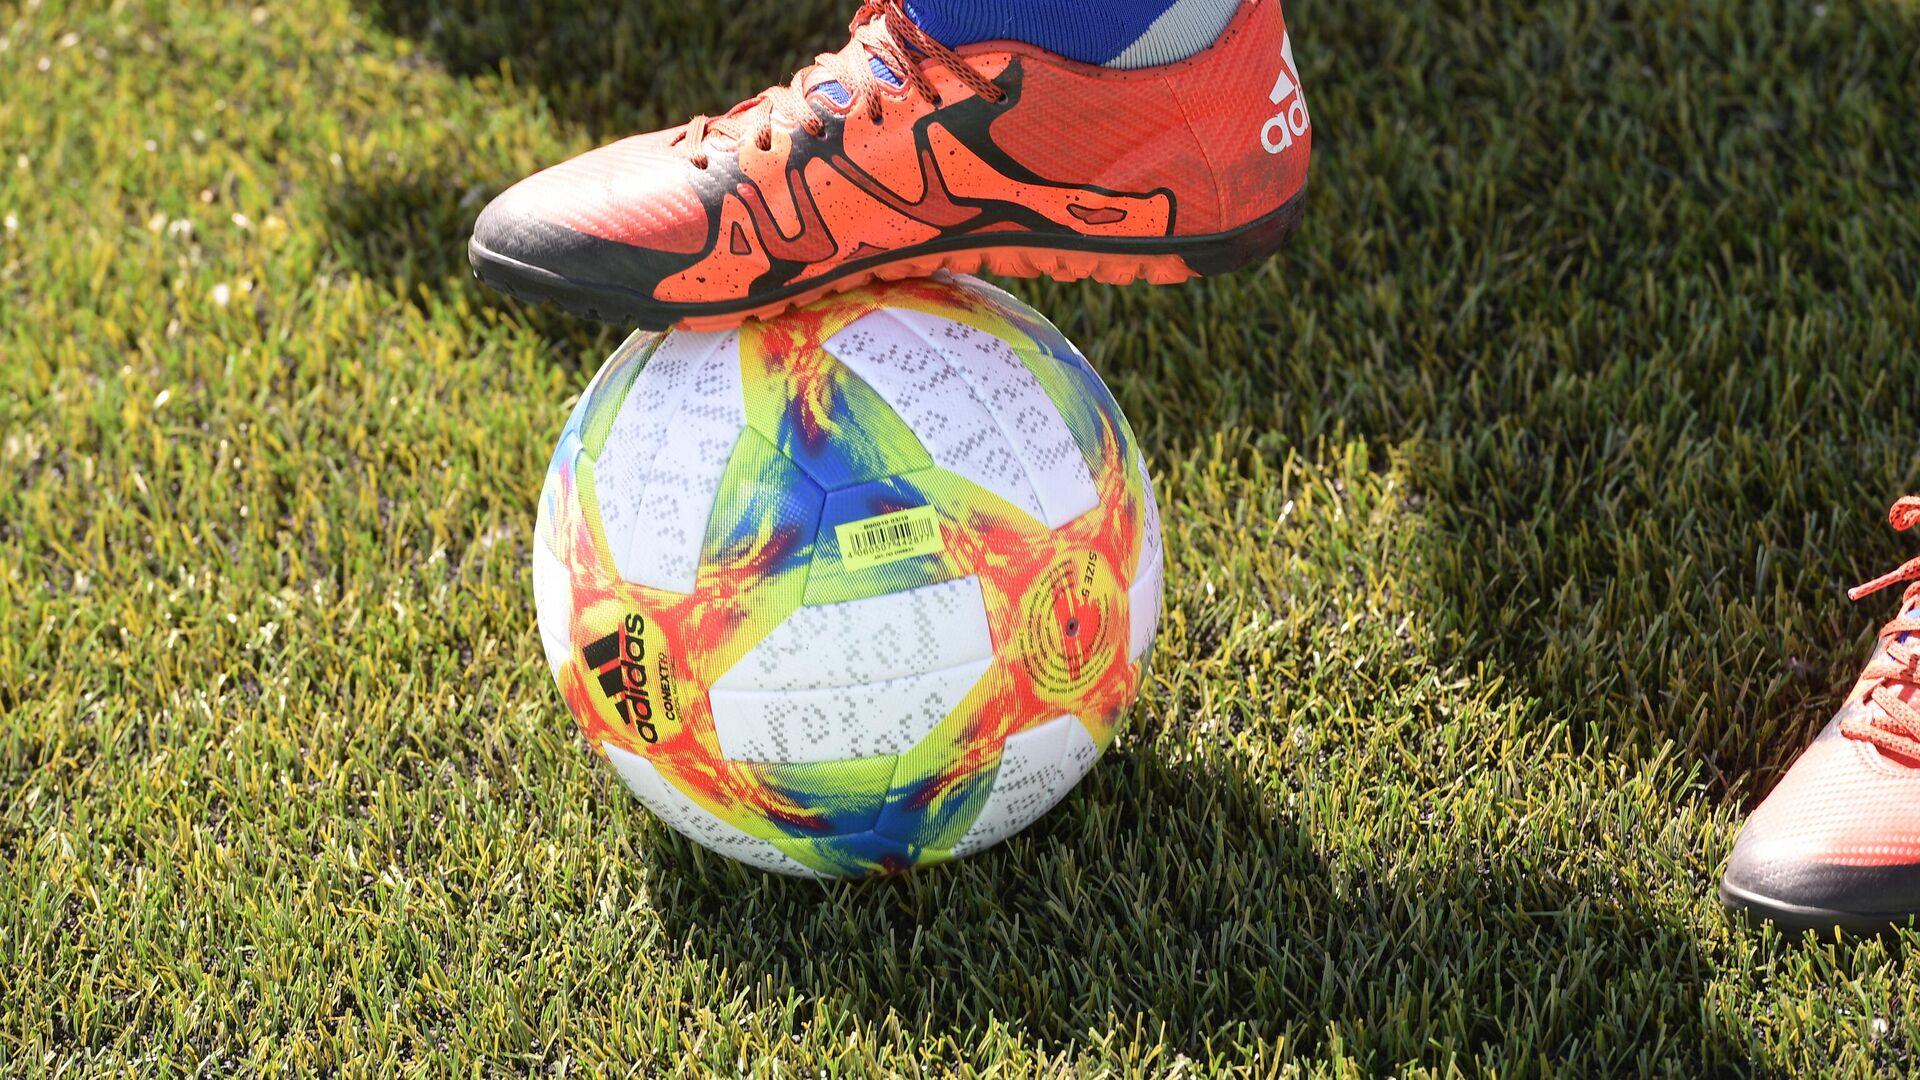 Fußball (Symbolbild) - SNA, 1920, 25.02.2021